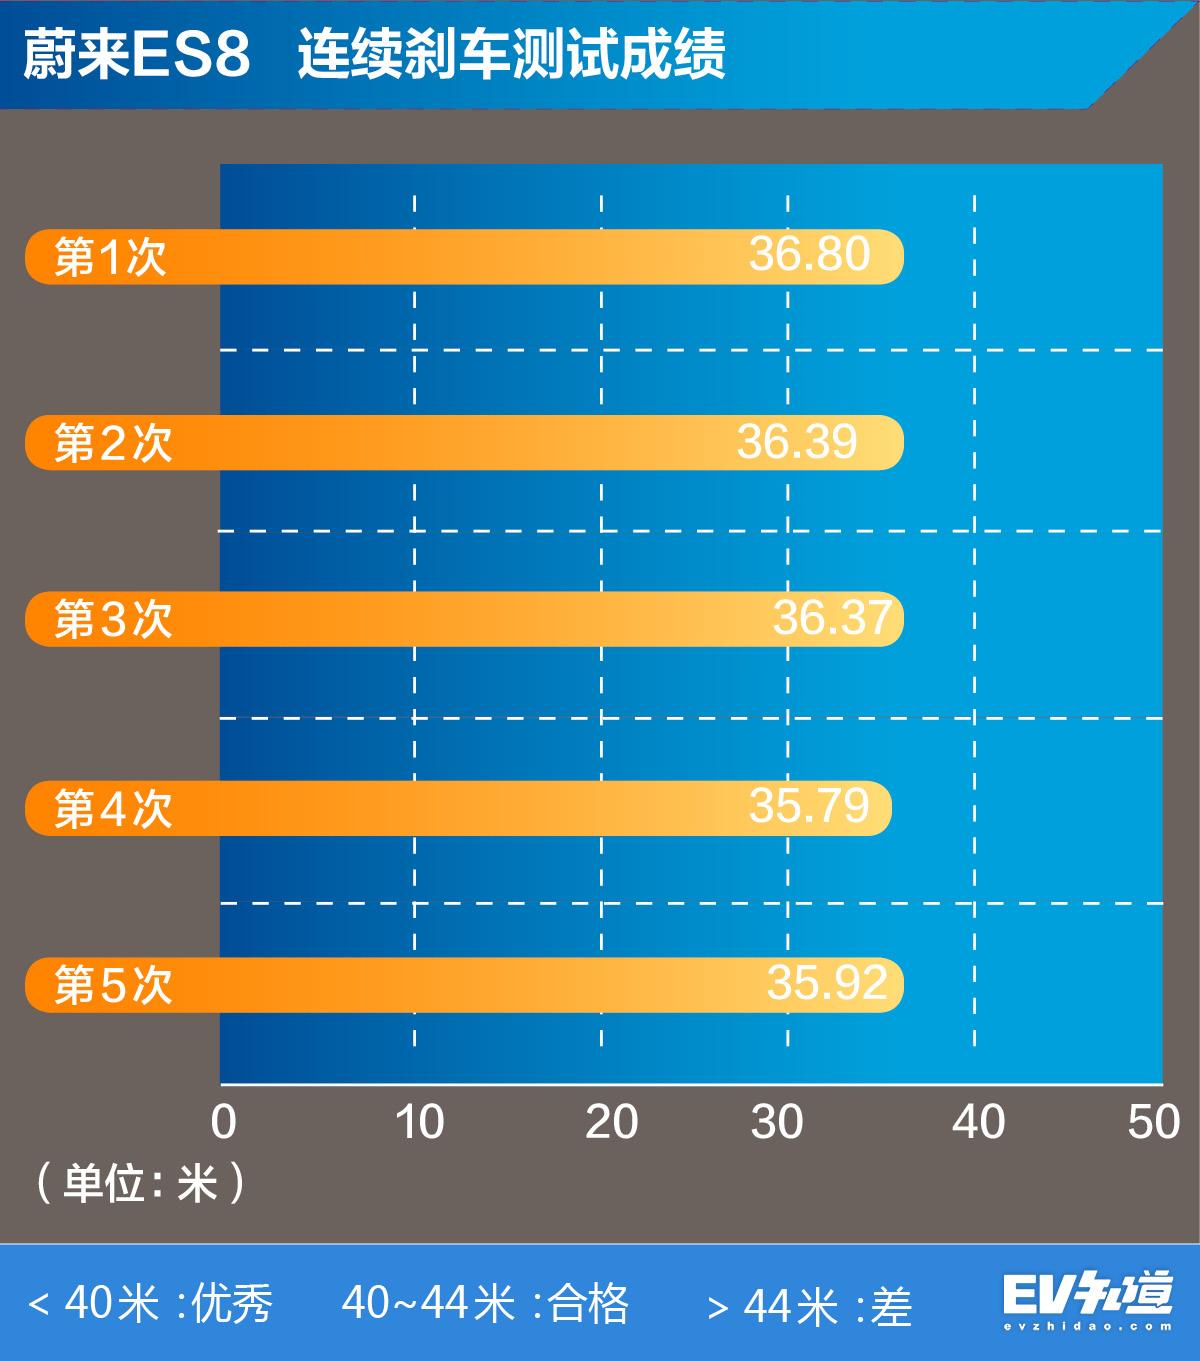 快的不仅是提速 充电也吓人 测蔚来ES8